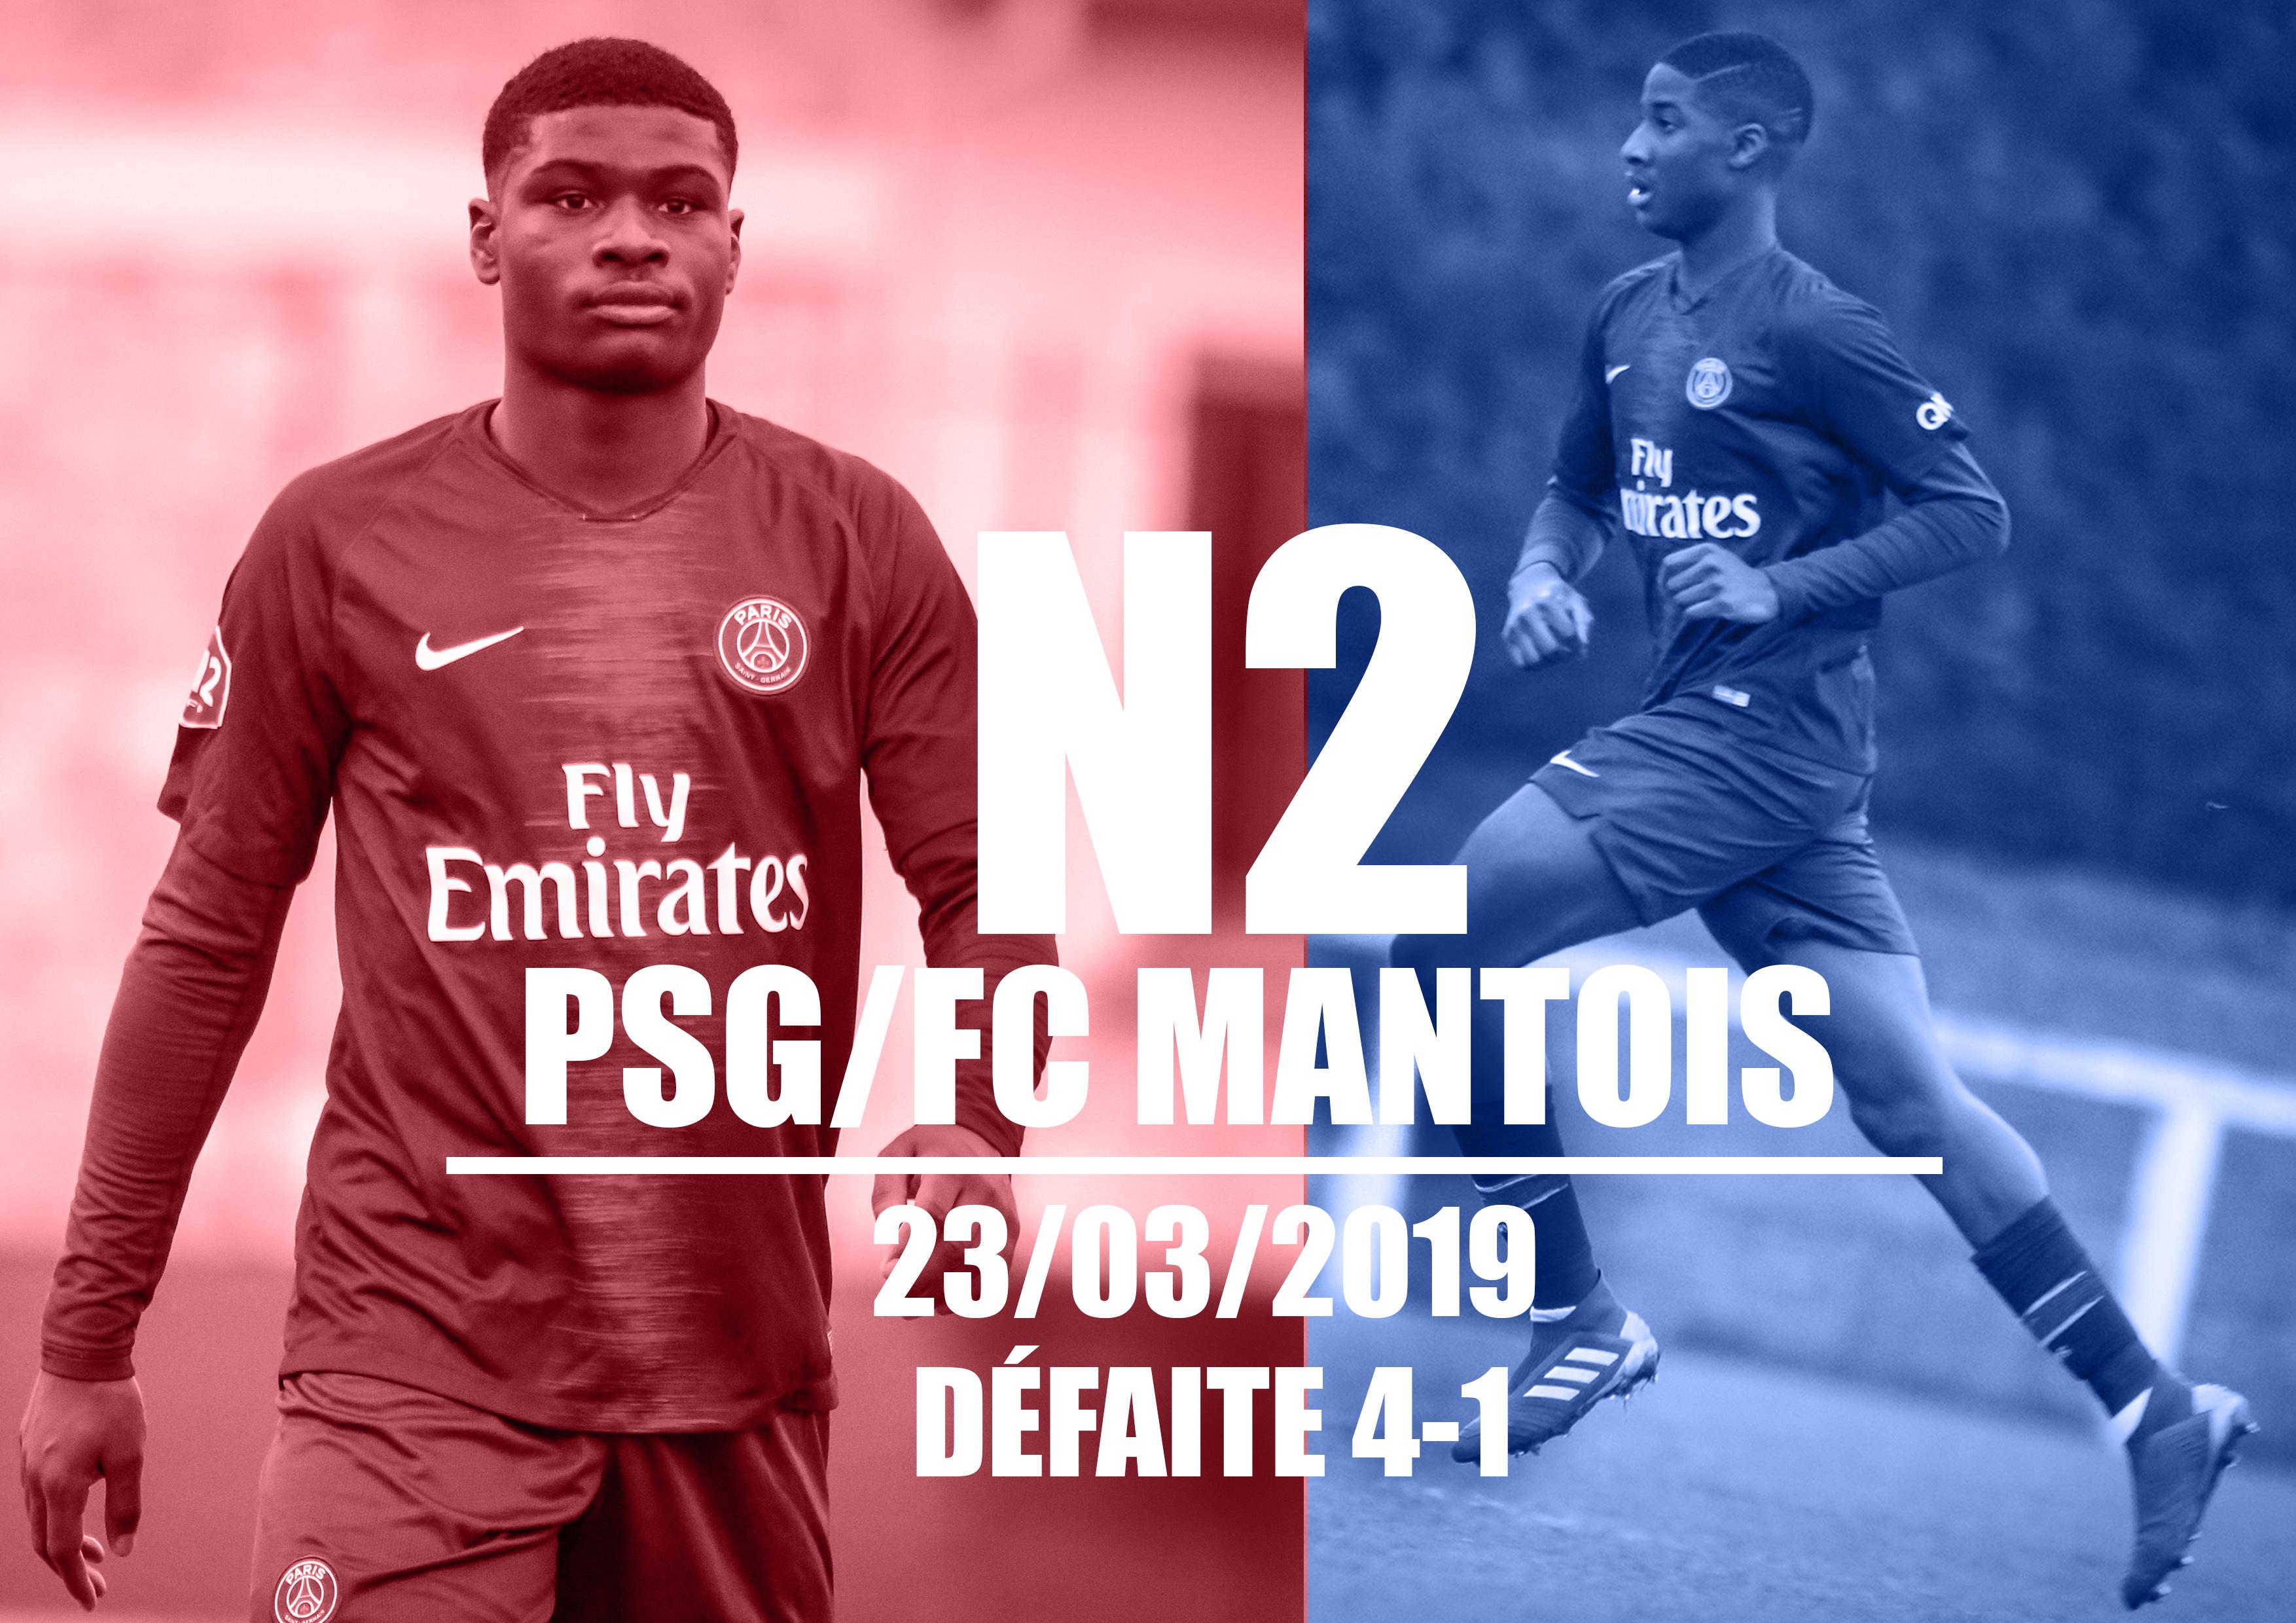 Match N2 PSG-FC MANTOIS le 23/03/2019